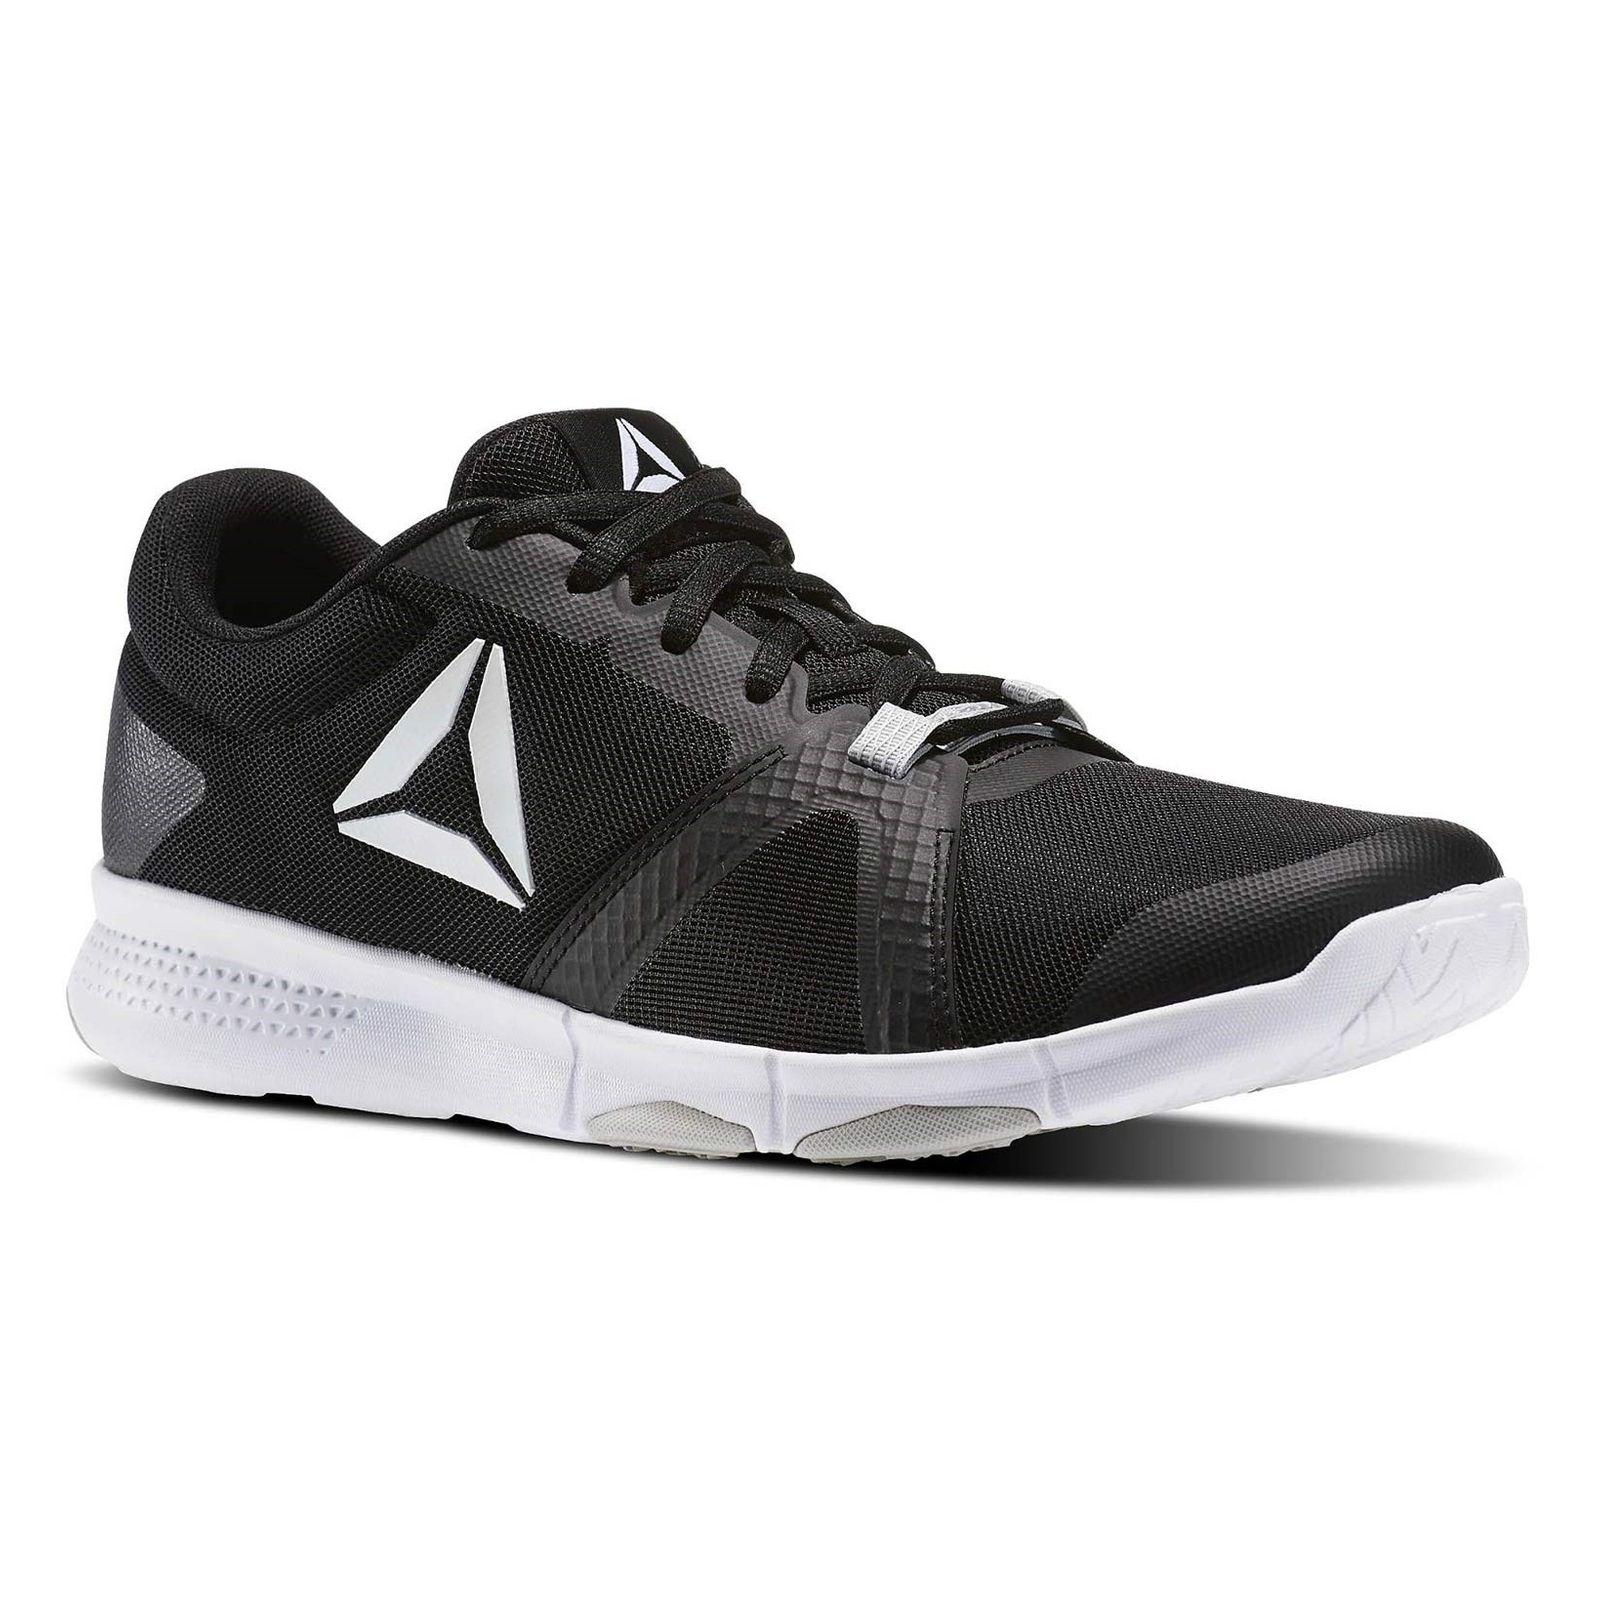 کفش تمرین بندی مردانه Flexile - ریباک - مشکي - 4